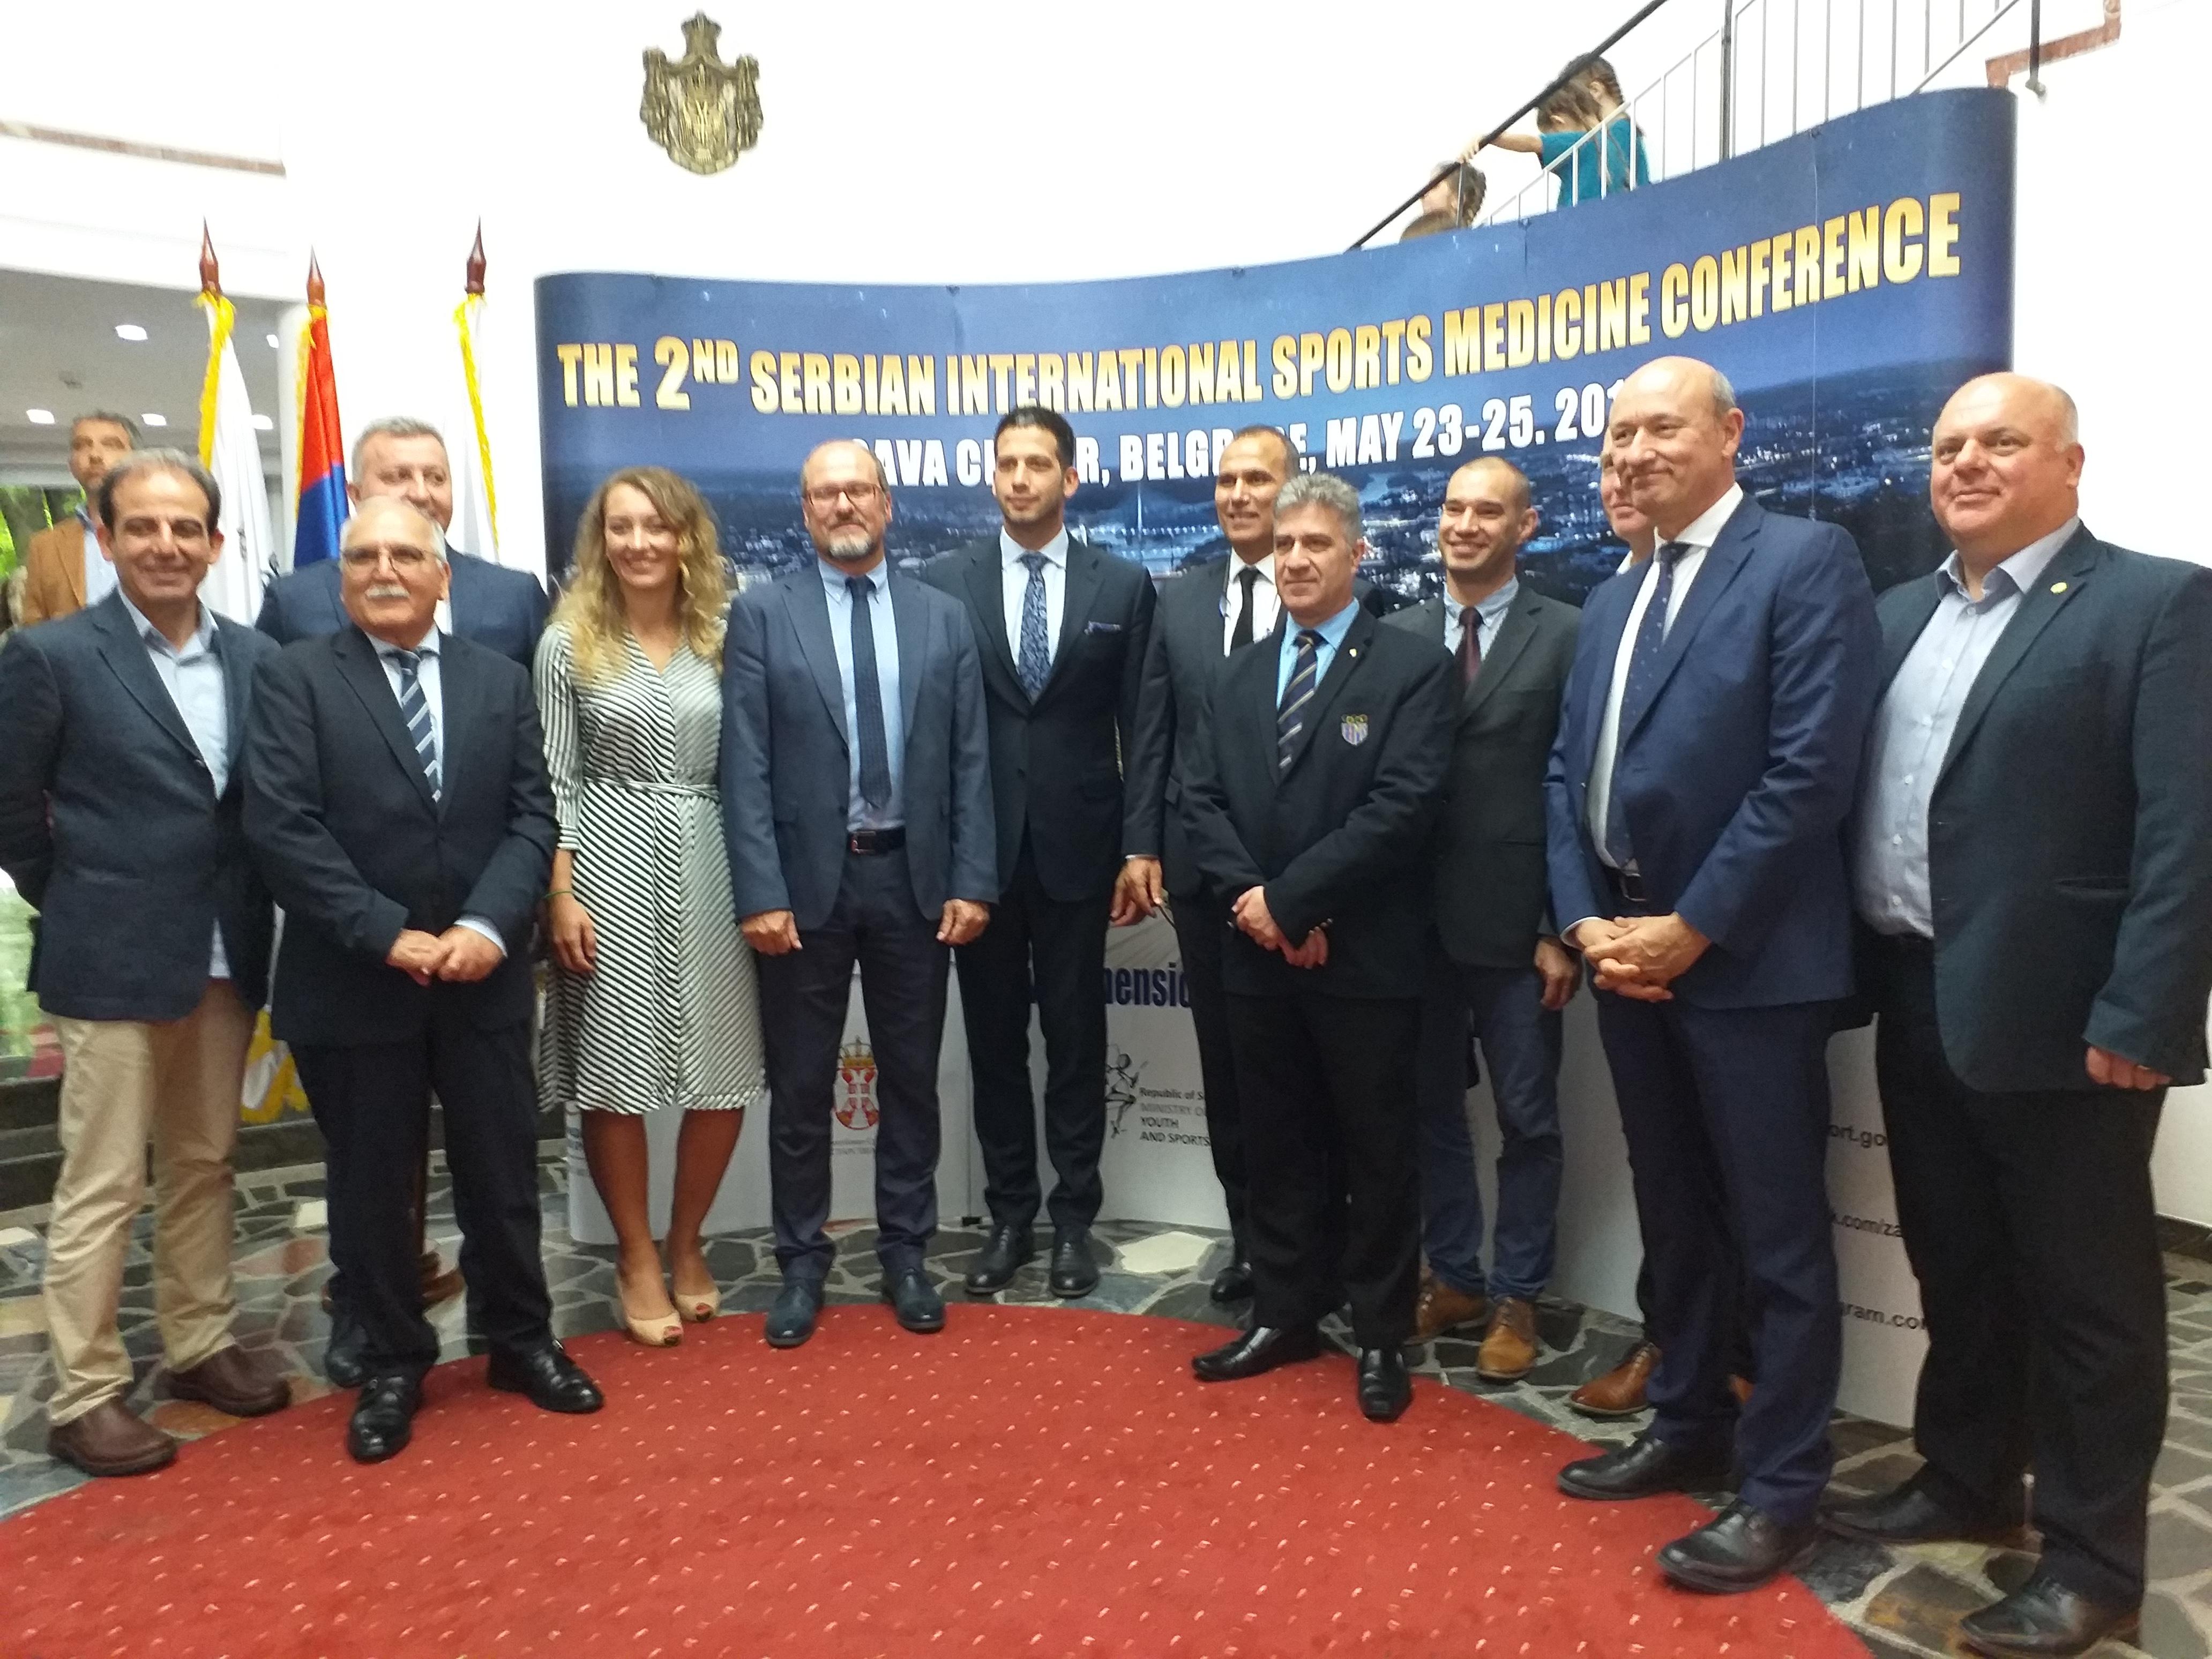 Beograd centar medicine sporta - otvorena 2. međunarodna konferencija medicine sporta